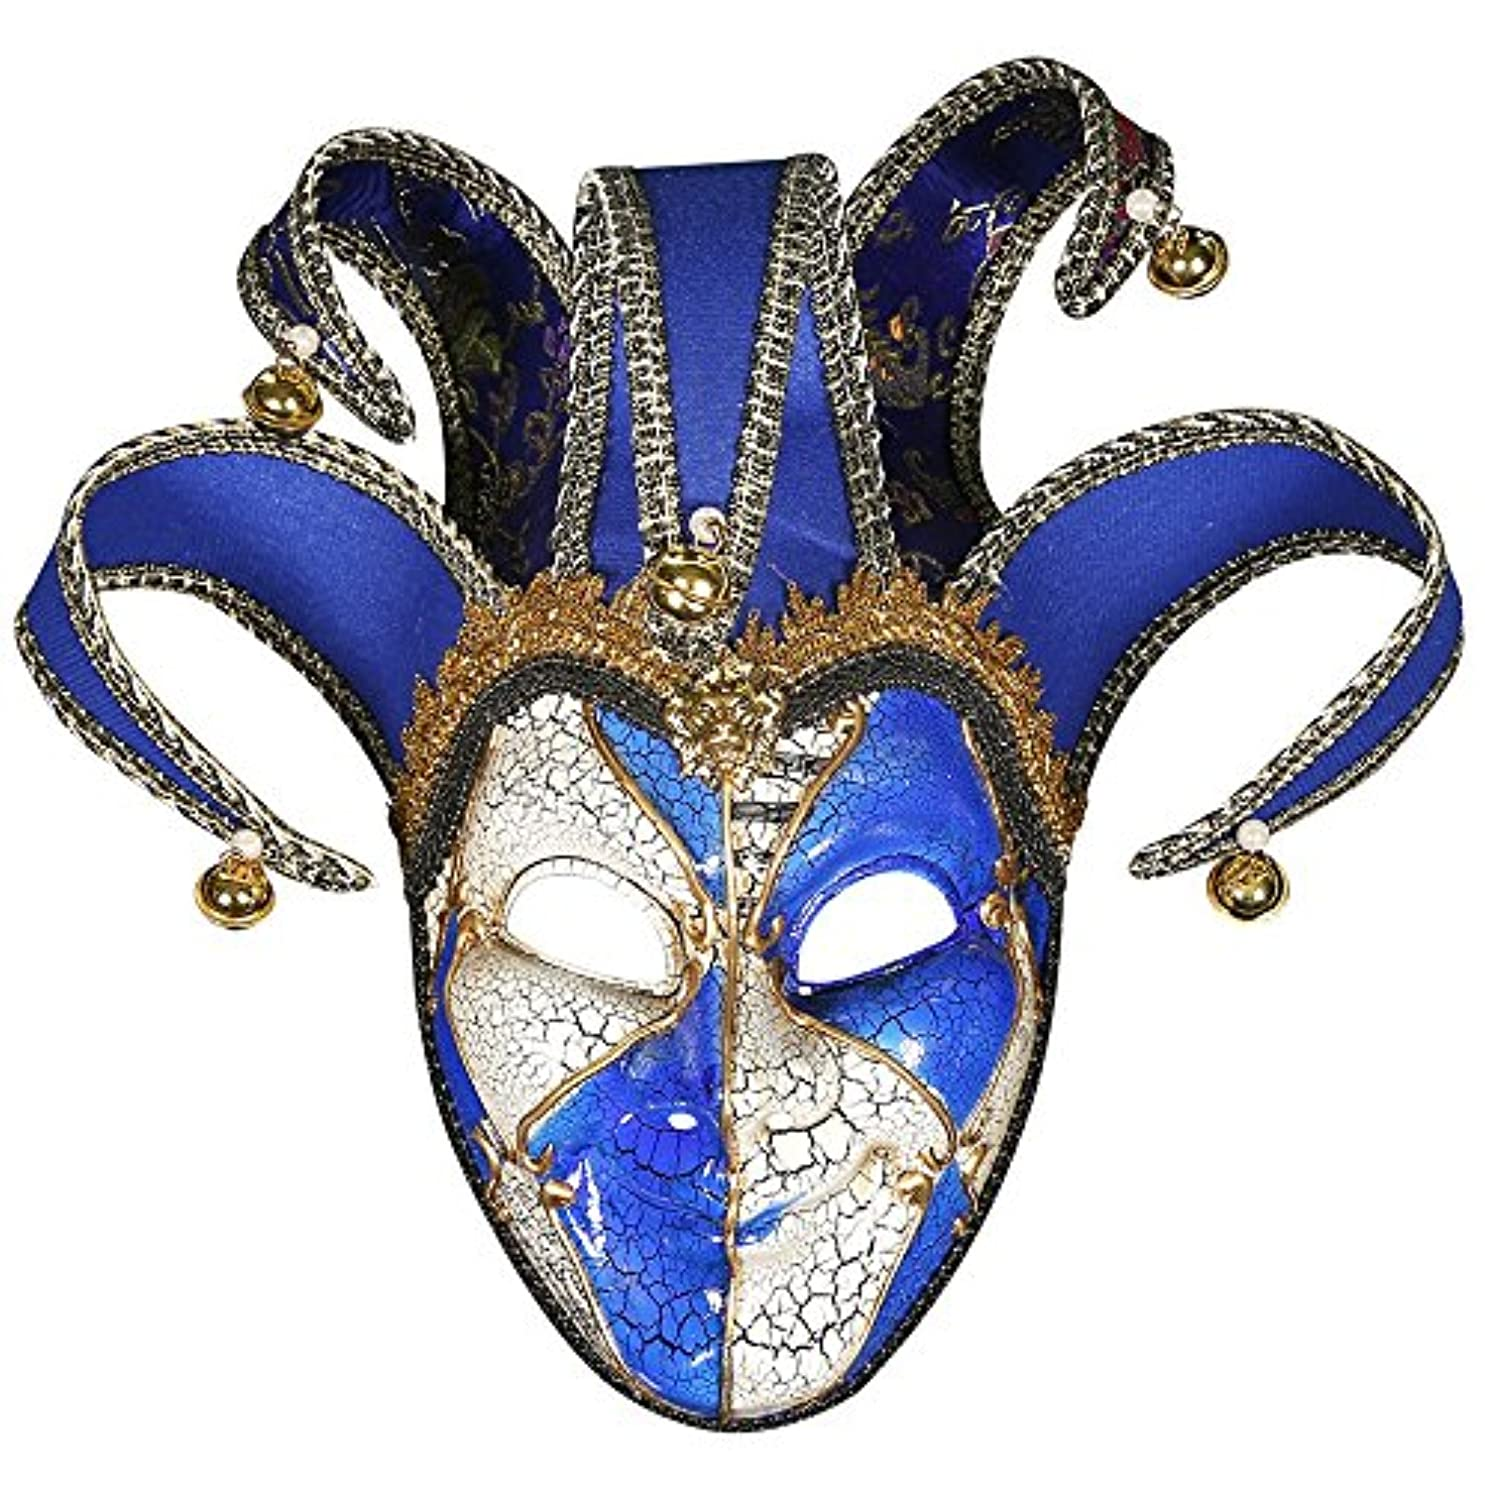 を除く誕生冷えるハイエンドの美しいクラックフェスティバル仮面舞踏会マスクハロウィーン誕生日パーティーピエロマスク (Color : B)